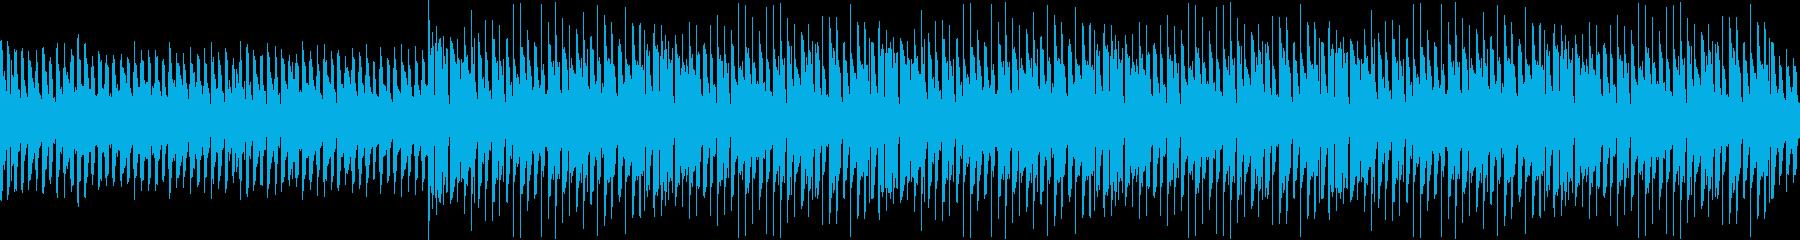 サイバーシティーを連想させるビートの再生済みの波形